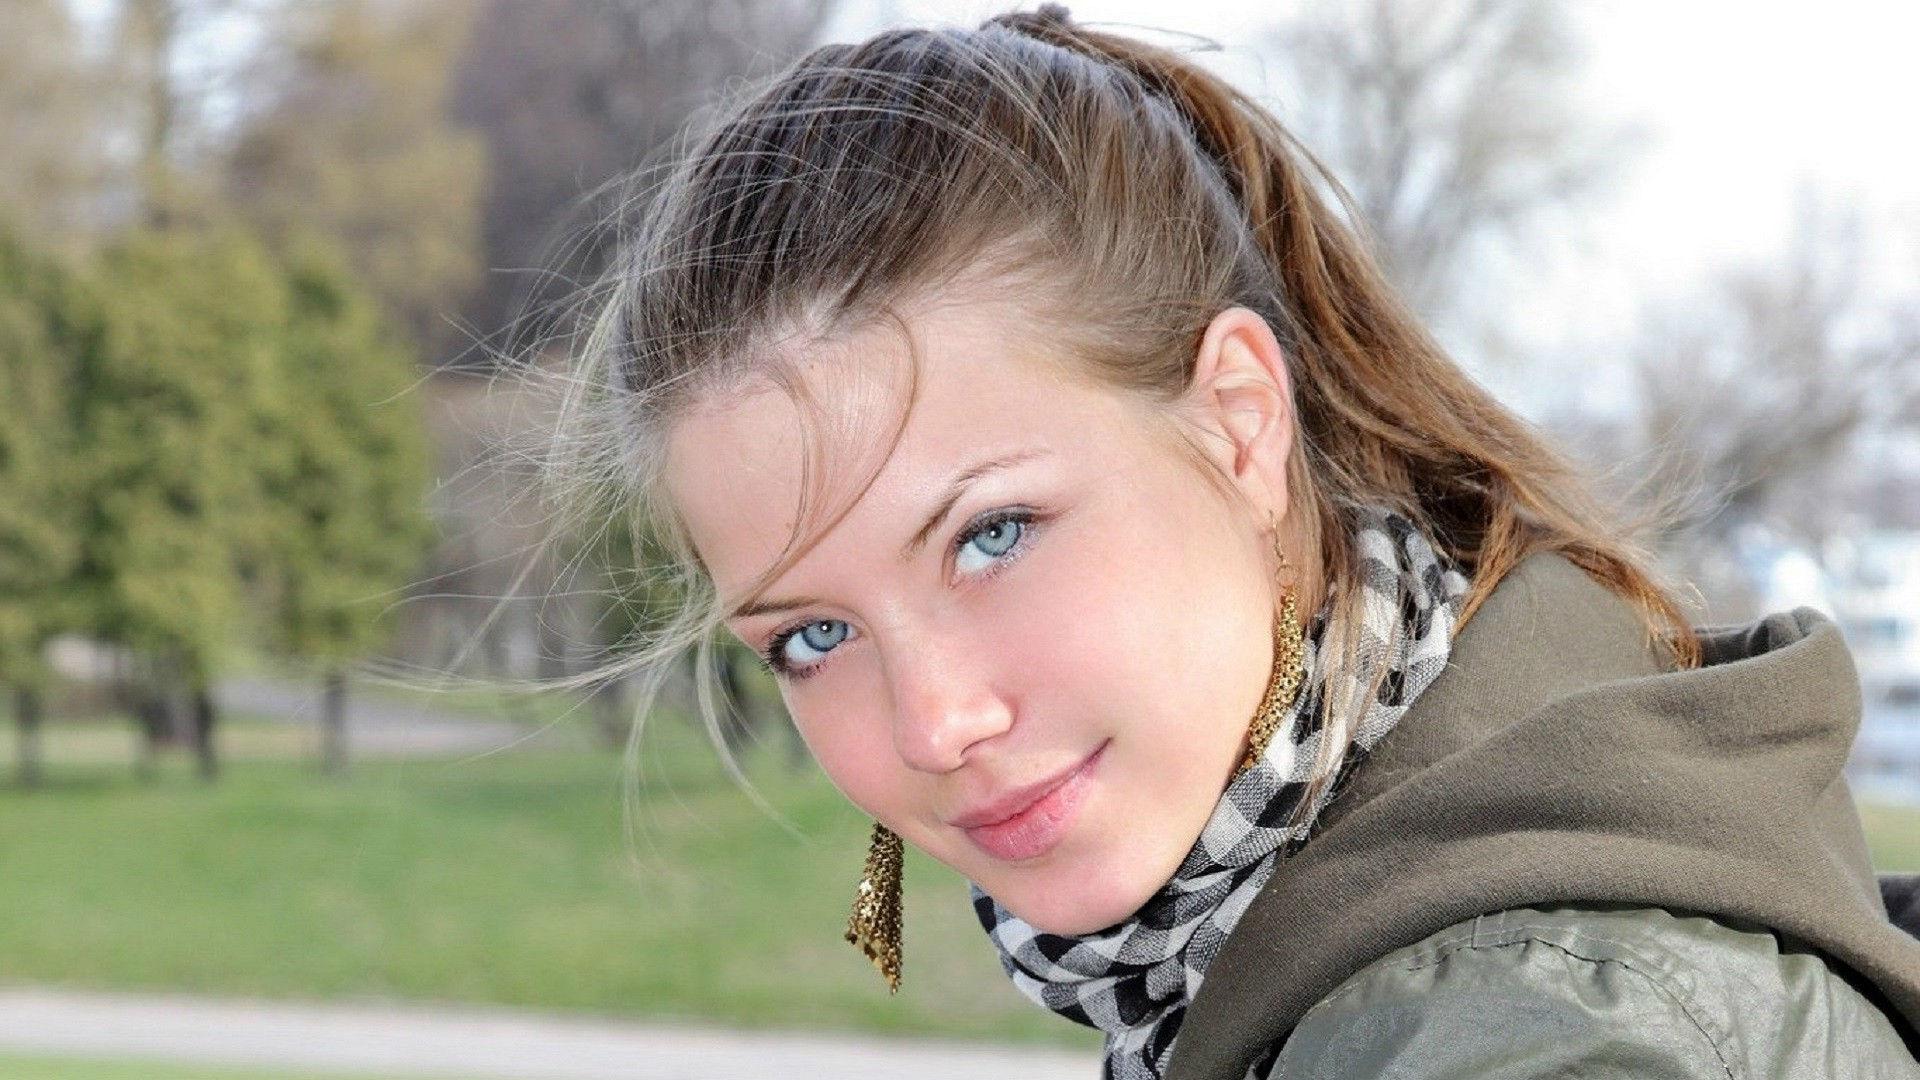 Tlchargement gratuit de belles femmes nues 12 photos HD